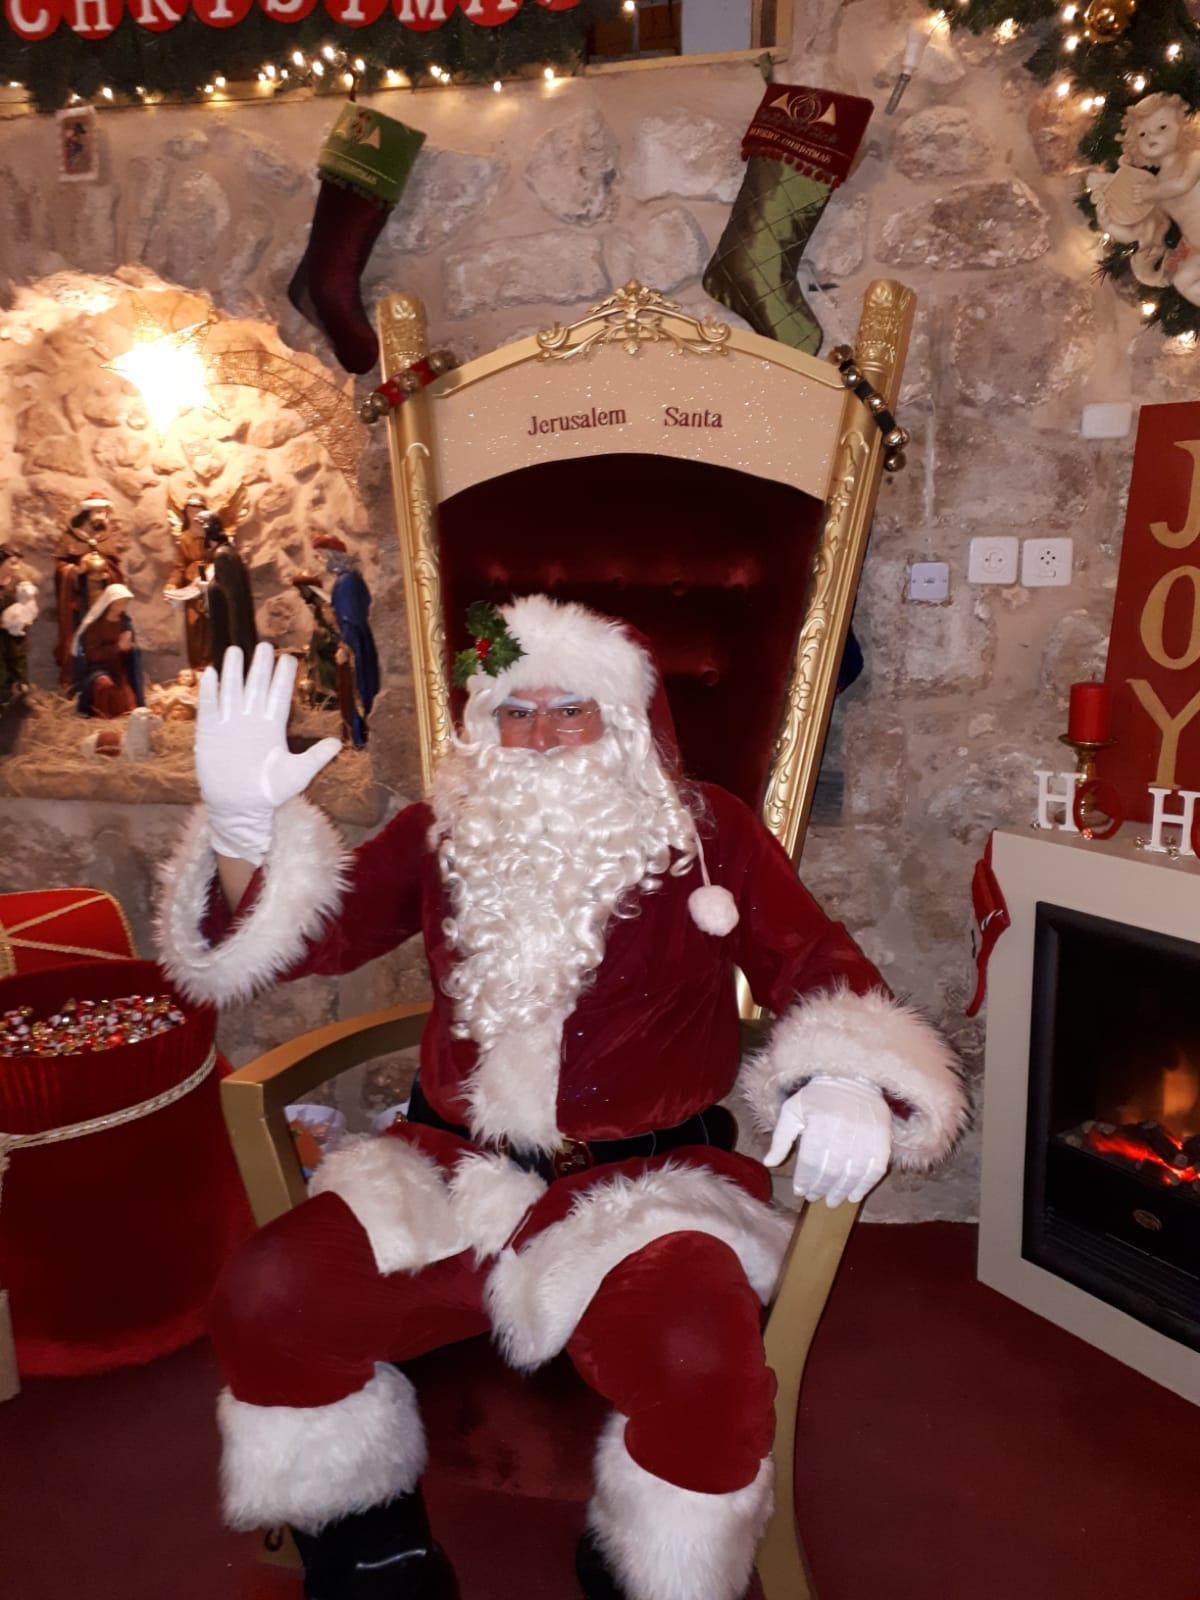 Иерусалимский Санта приветствует гостей. Фото: Юлия Хович